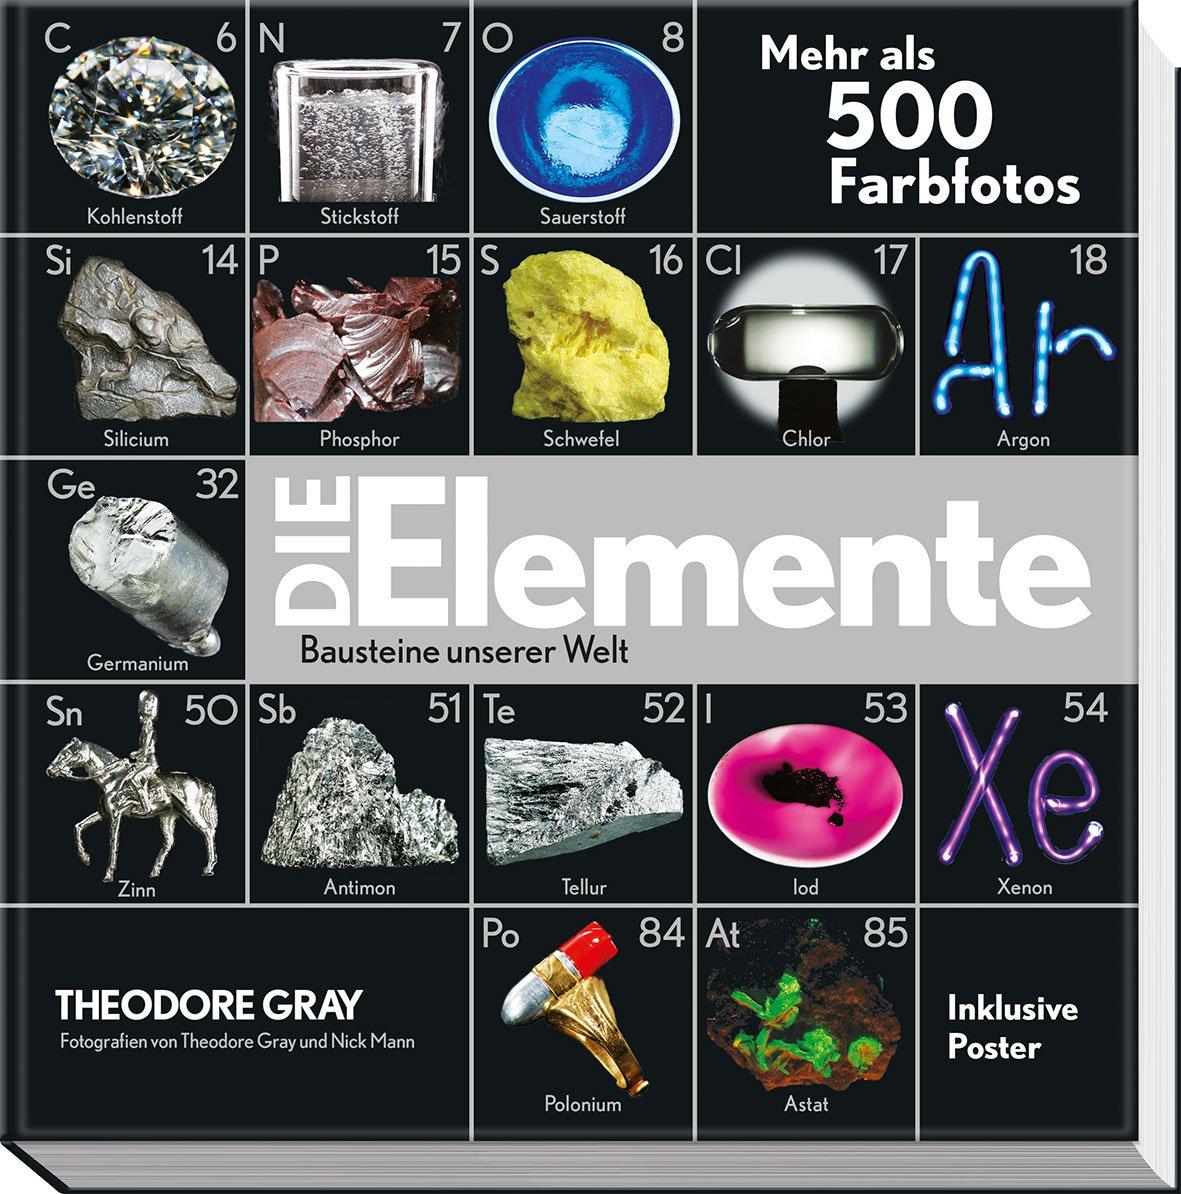 die-elemente-bausteine-unserer-welt